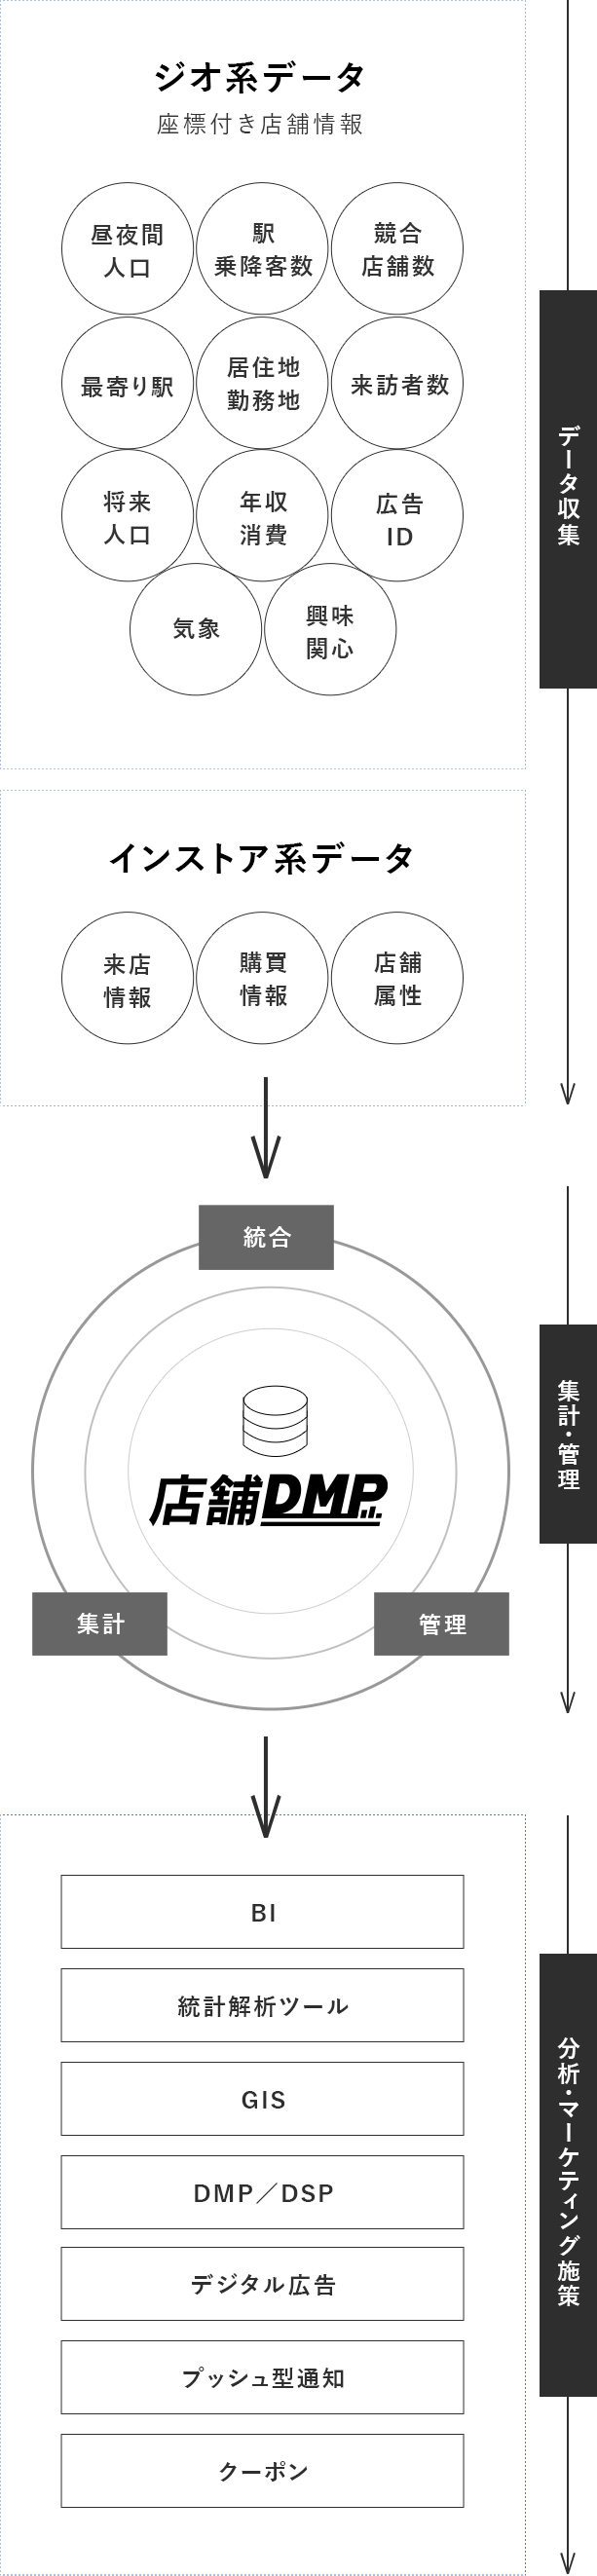 データ収集 集計・管理 分析・マーケティング施策